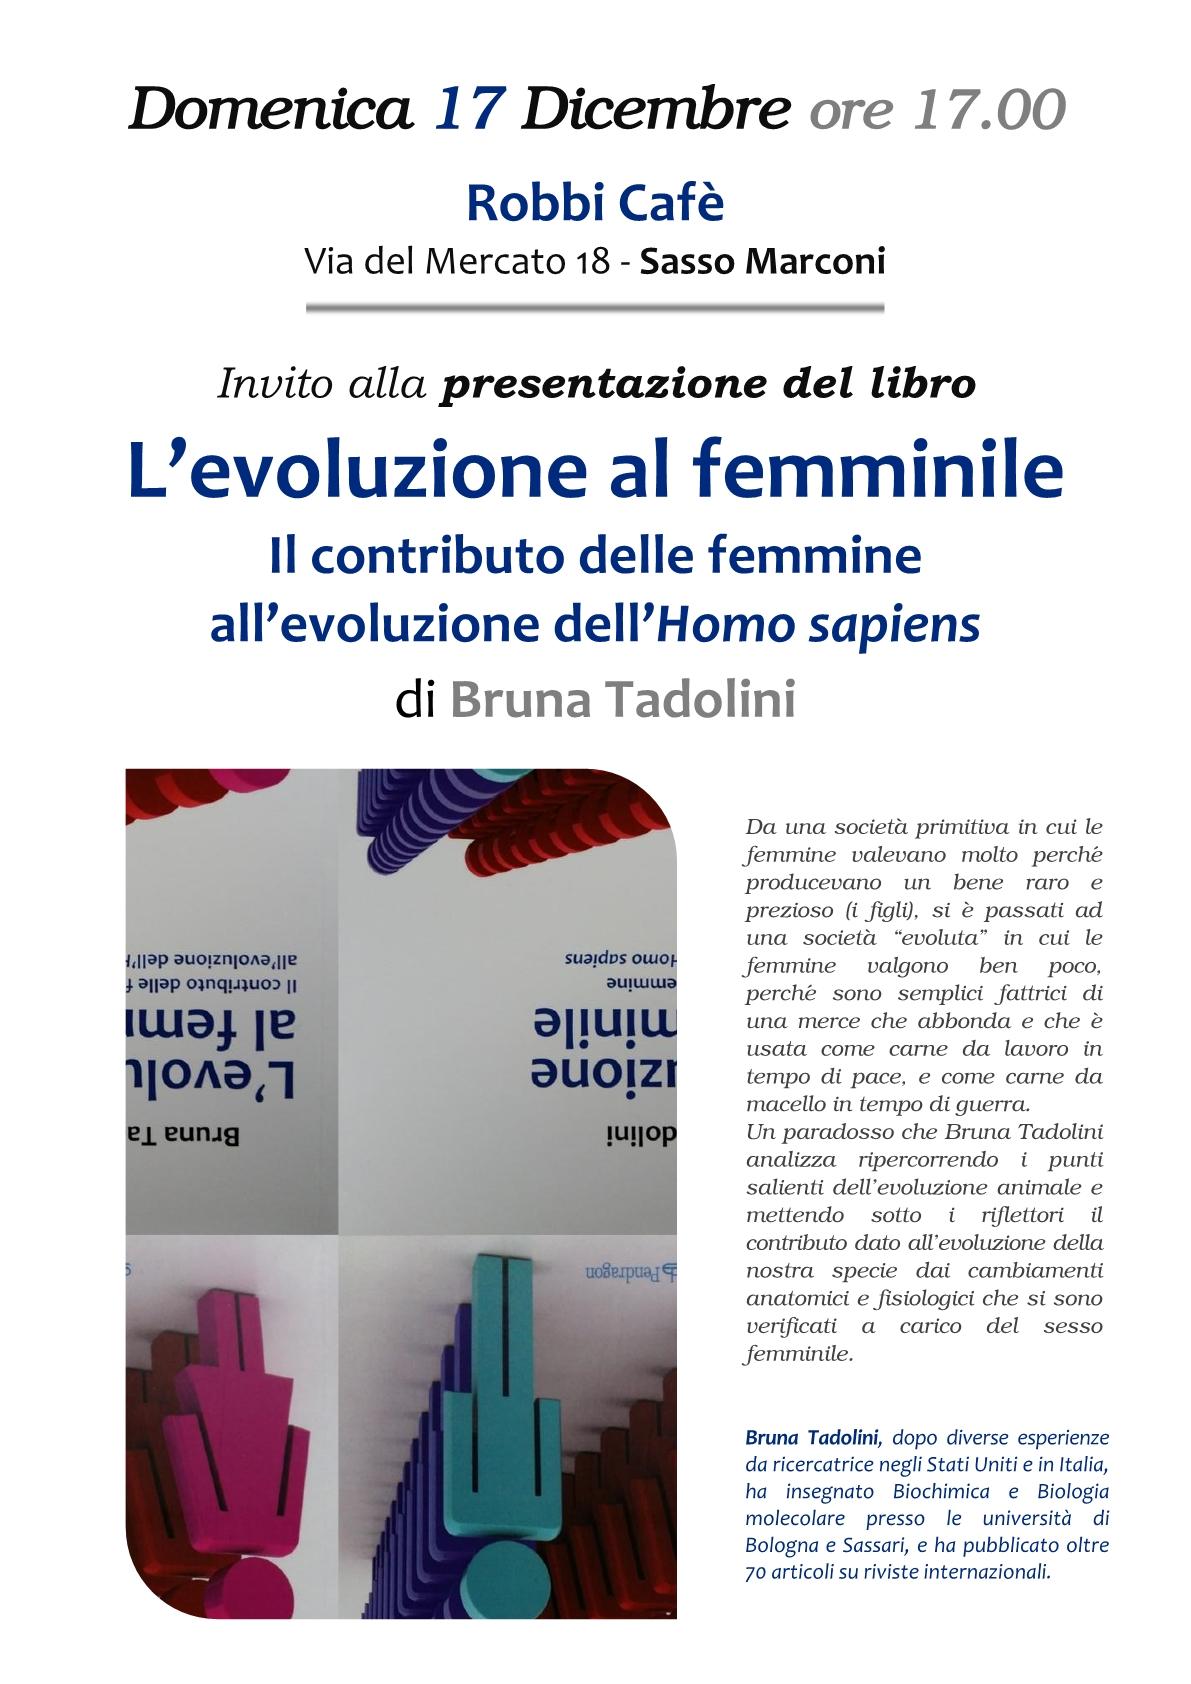 Invito alla presentazione del libroL'evoluzione al femminile